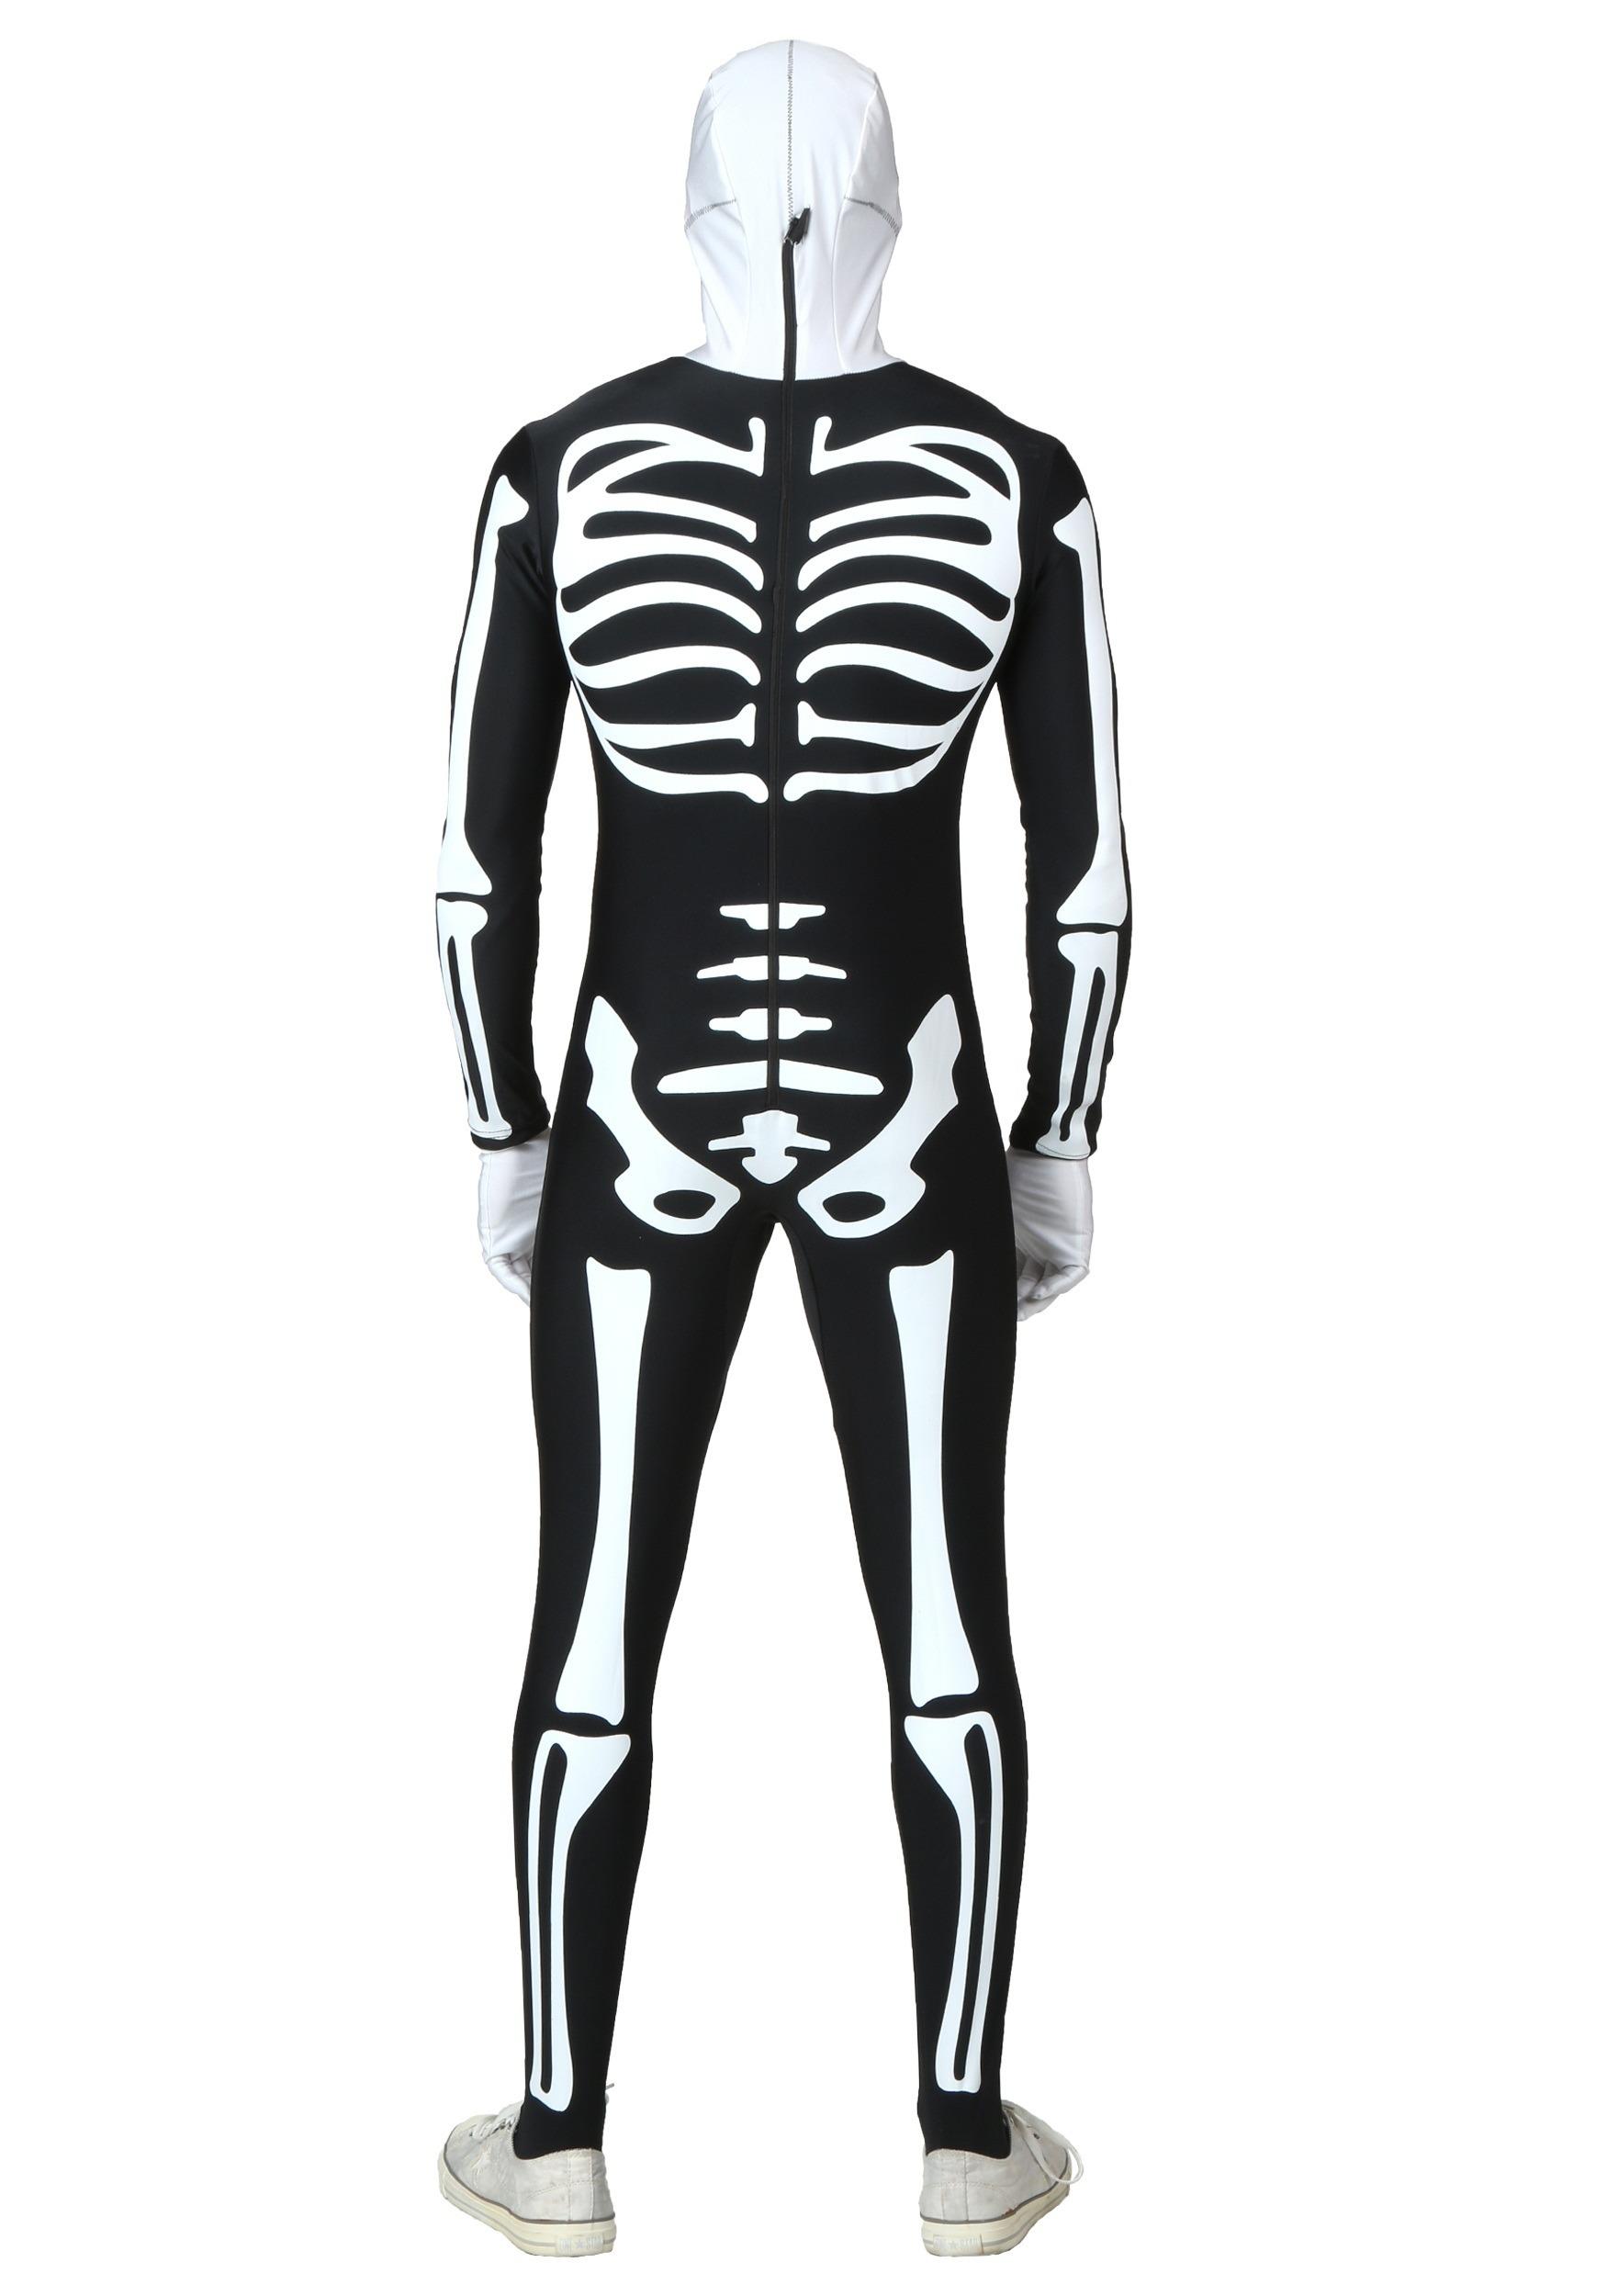 7d5136b948f7 Skeleton Suit Costume   ... The Karate Kid Adult Authentic Skeleton ...